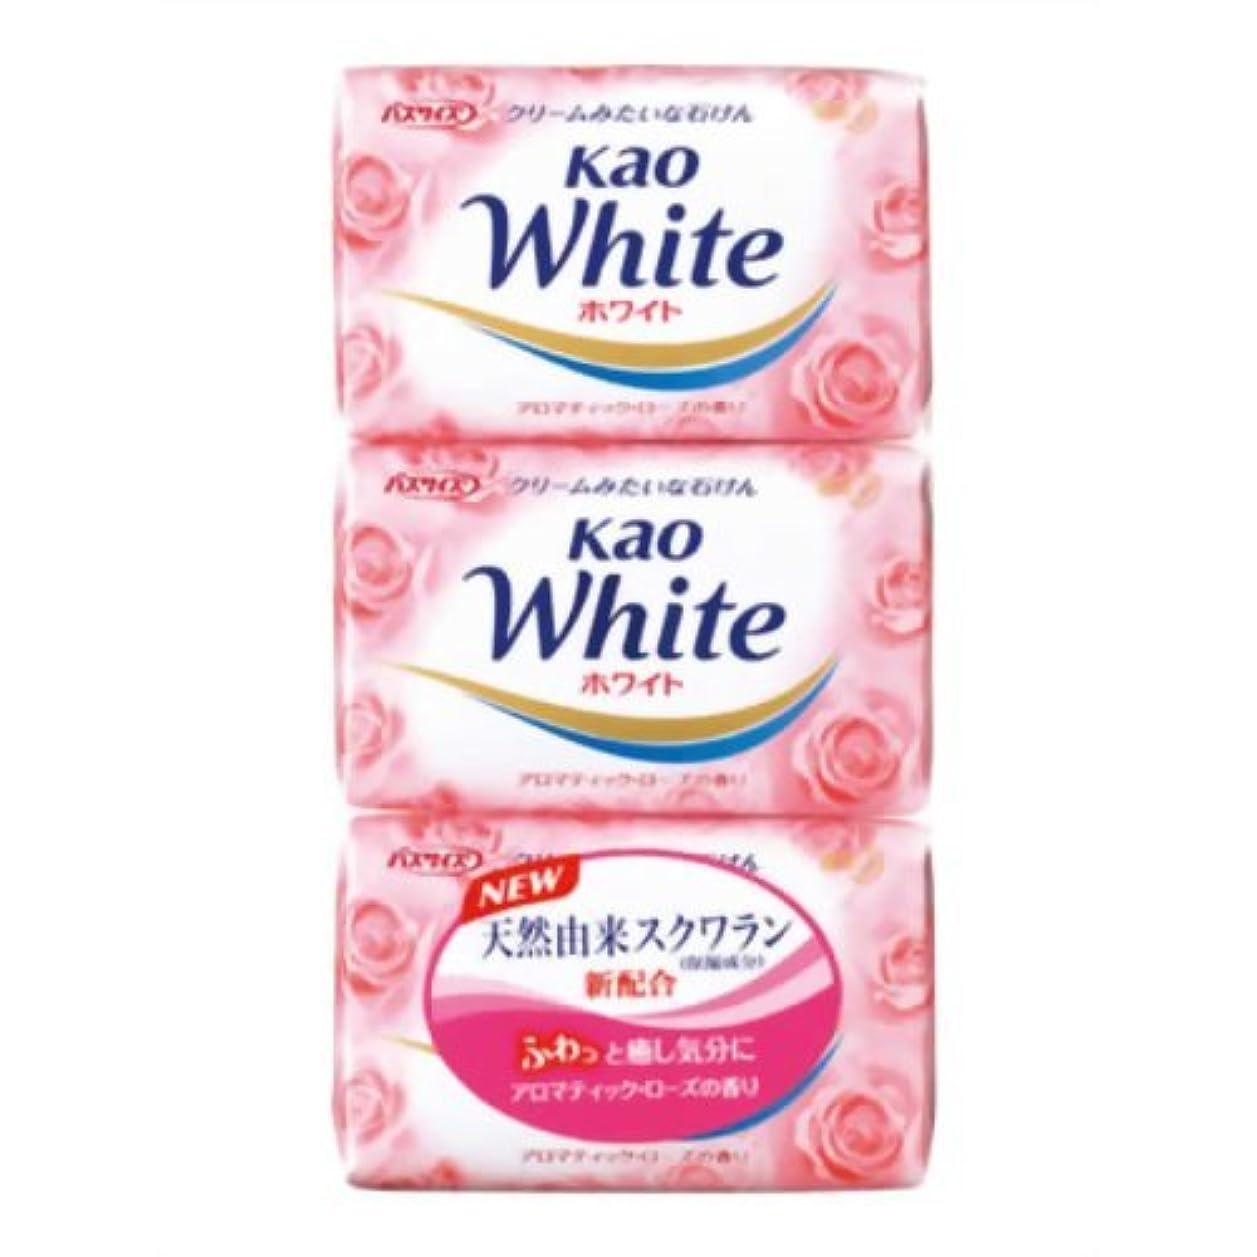 血まみれ性差別教師の日花王ホワイト アロマティックローズの香り バスサイズ 130g*3個入